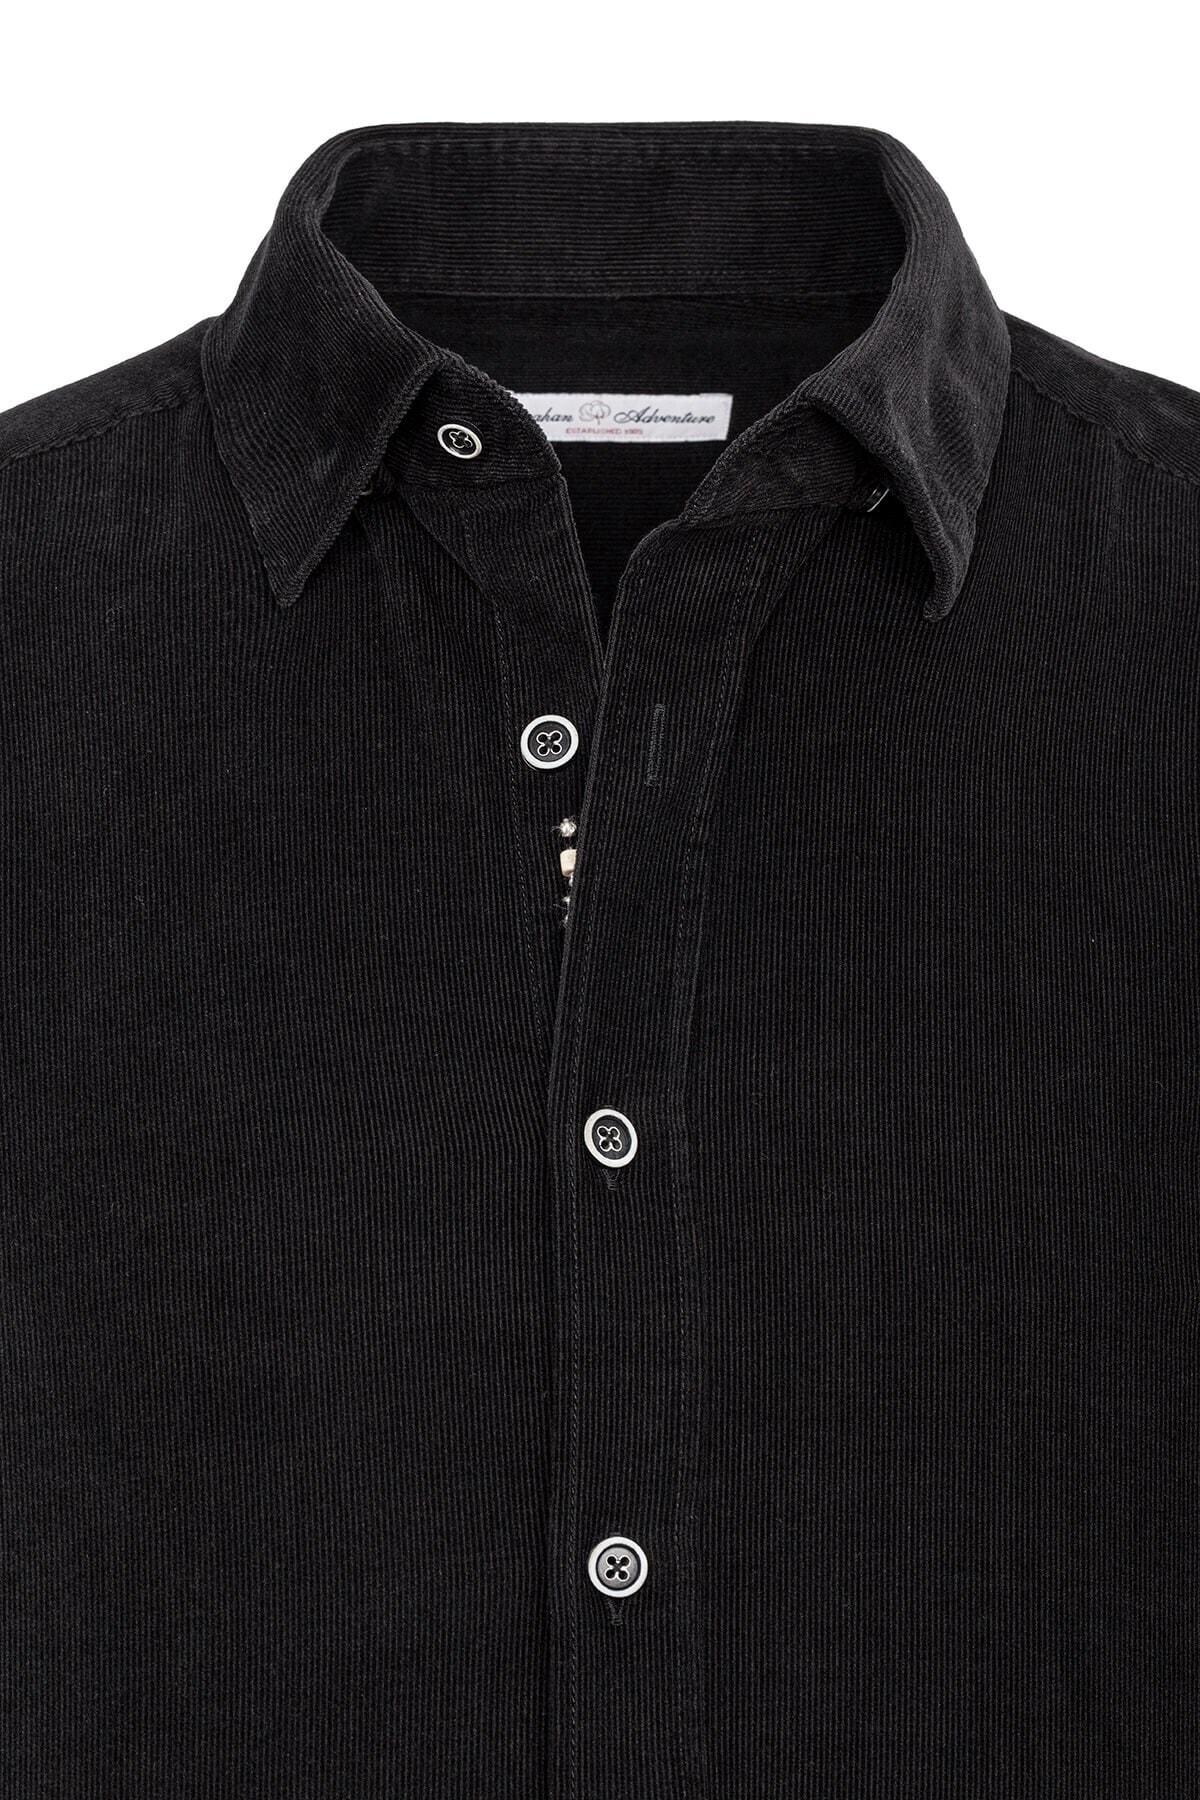 Paşahan Erkek Siyah Kadife Slim Fit Gömlek 2